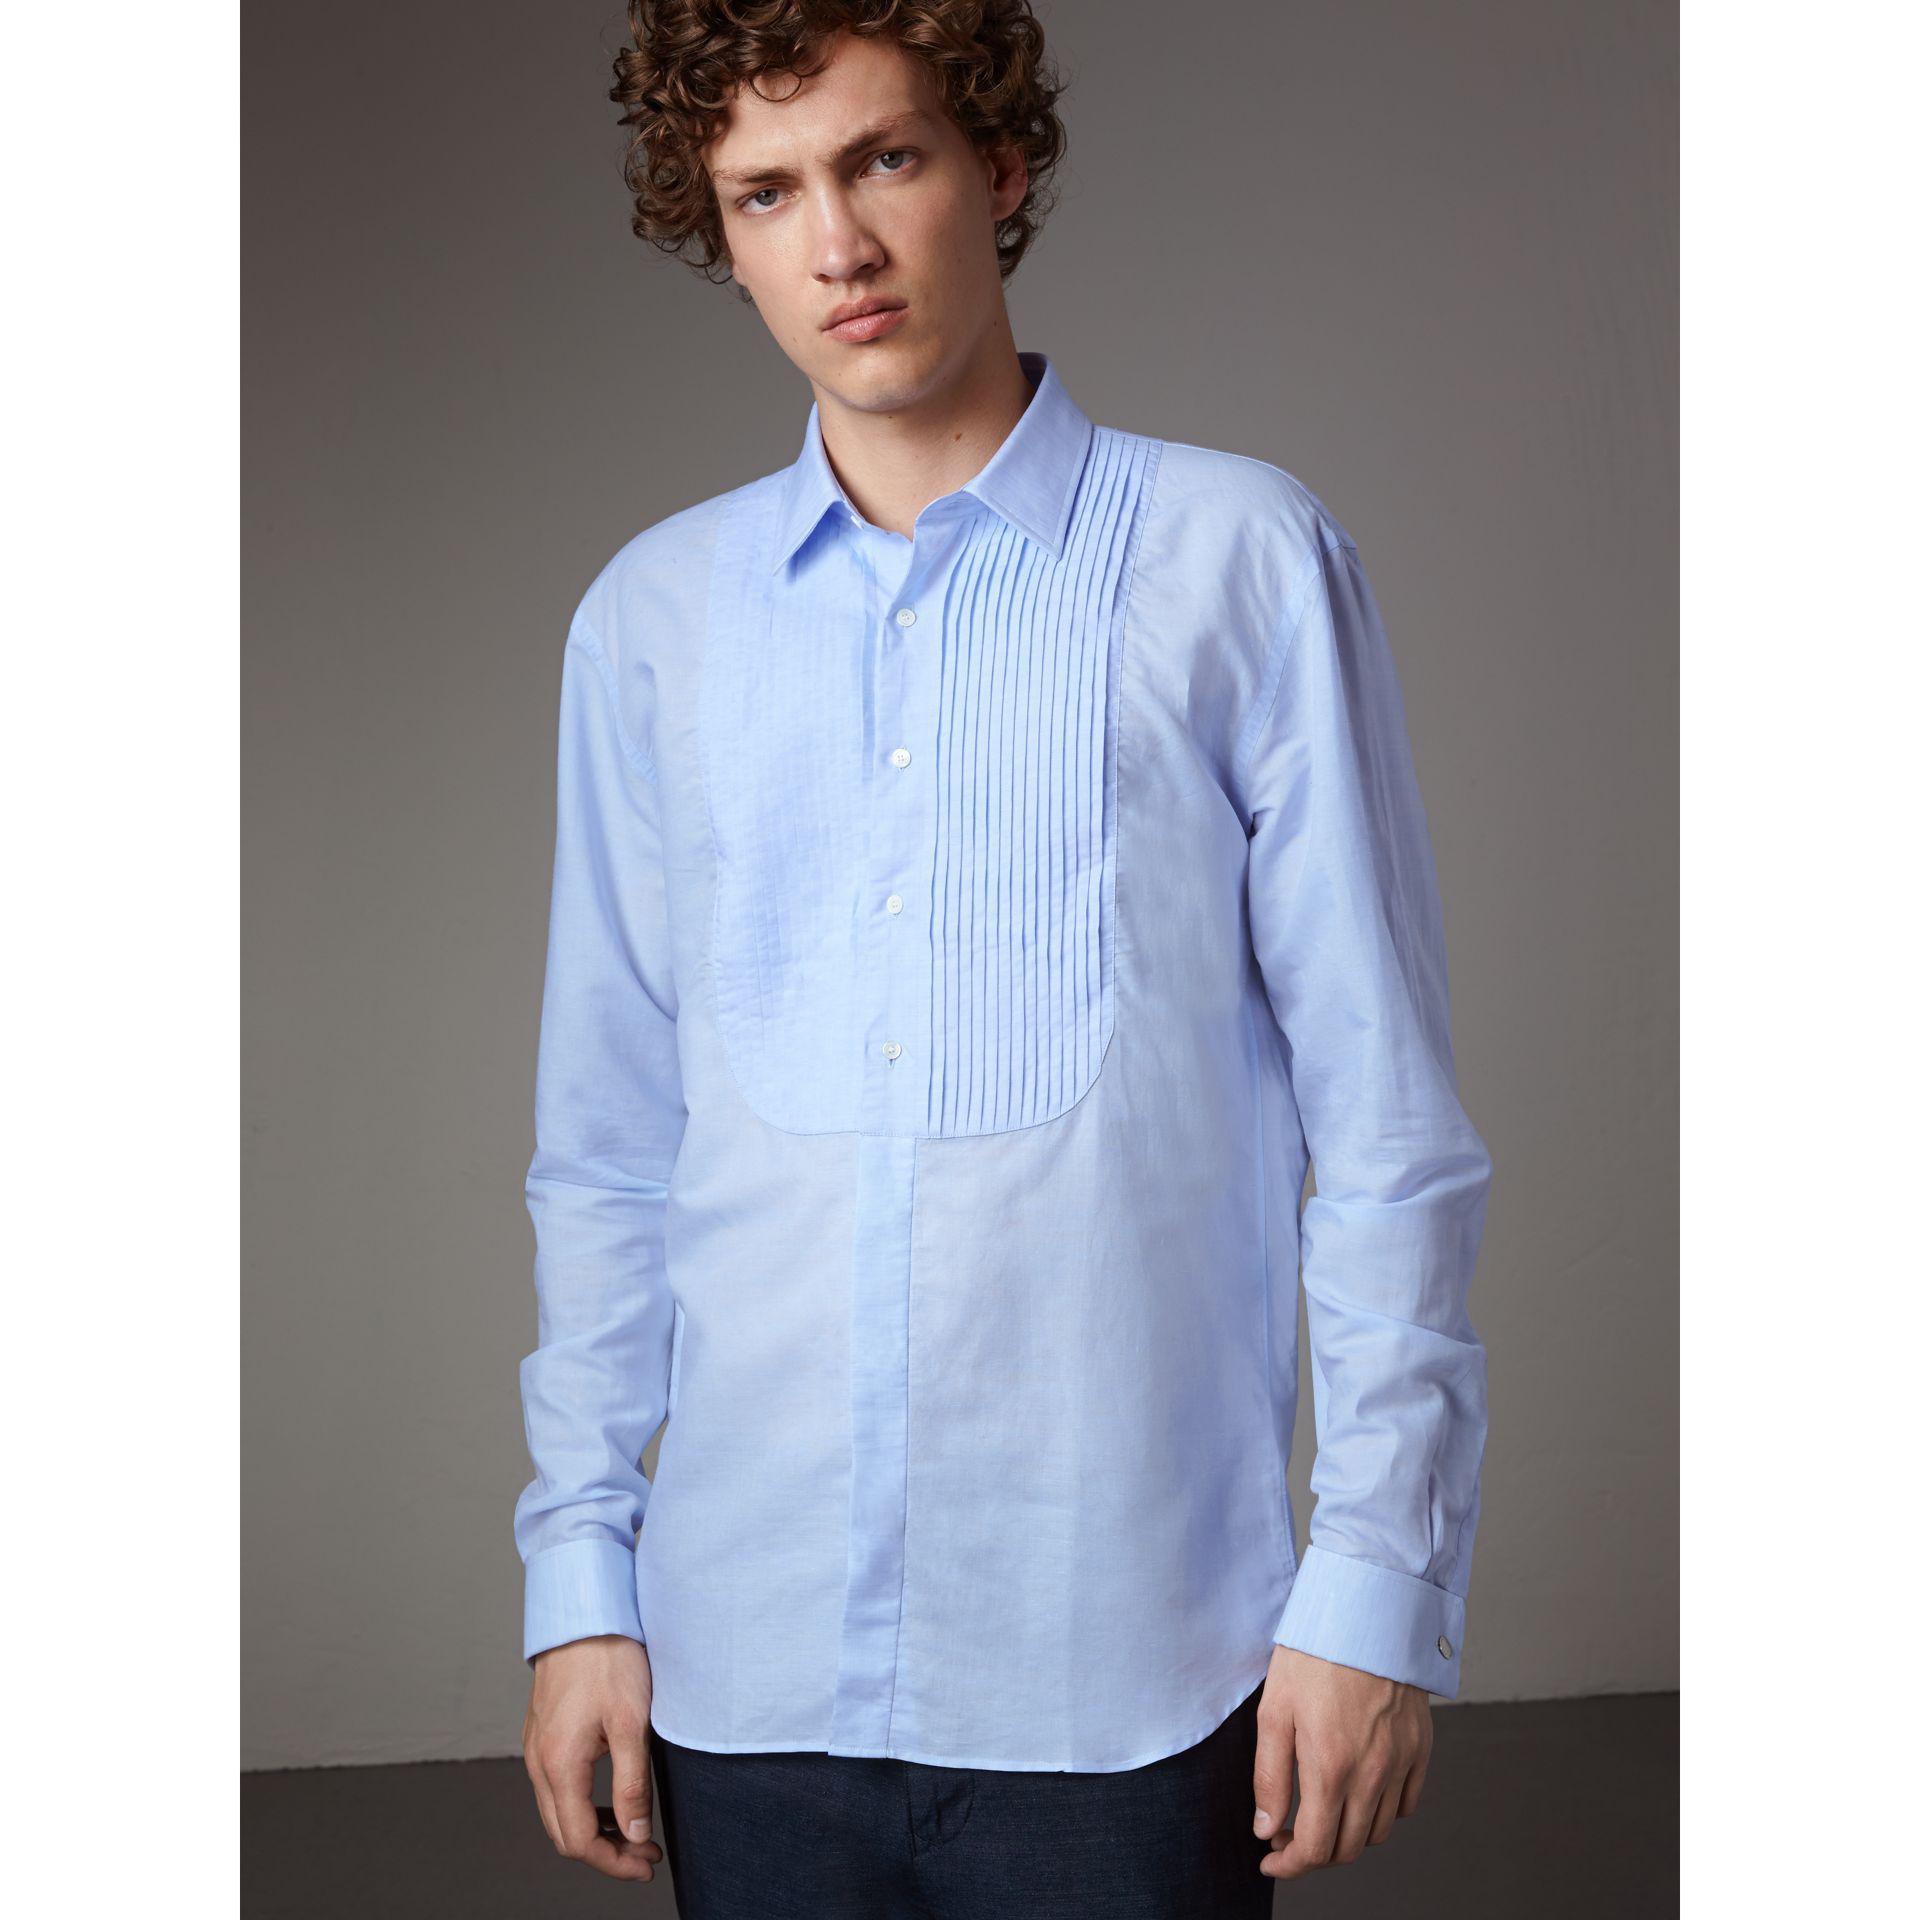 Lyst burberry modern fit linen cotton dress shirt pale for Modern fit dress shirt